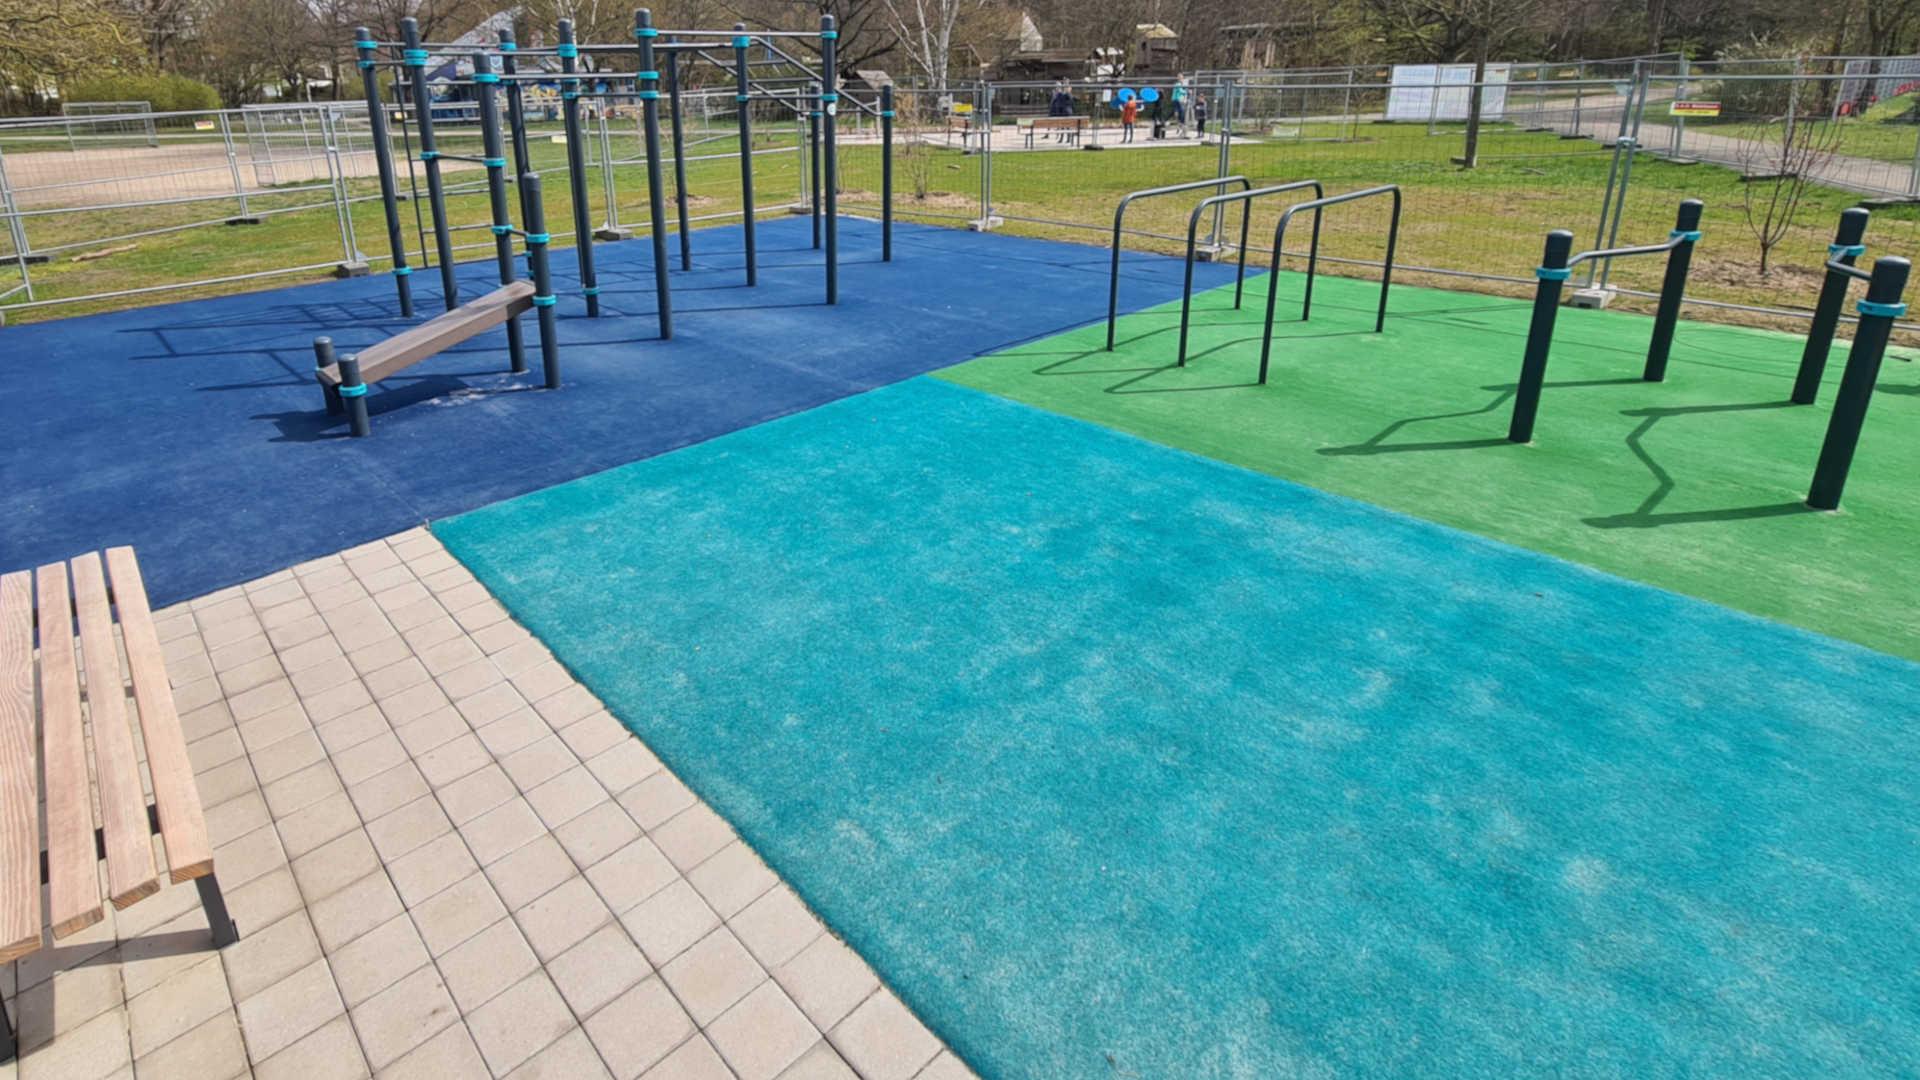 Teppichvlies-Fallschutz für Calisthenics-Parks und Fitness-Geräte